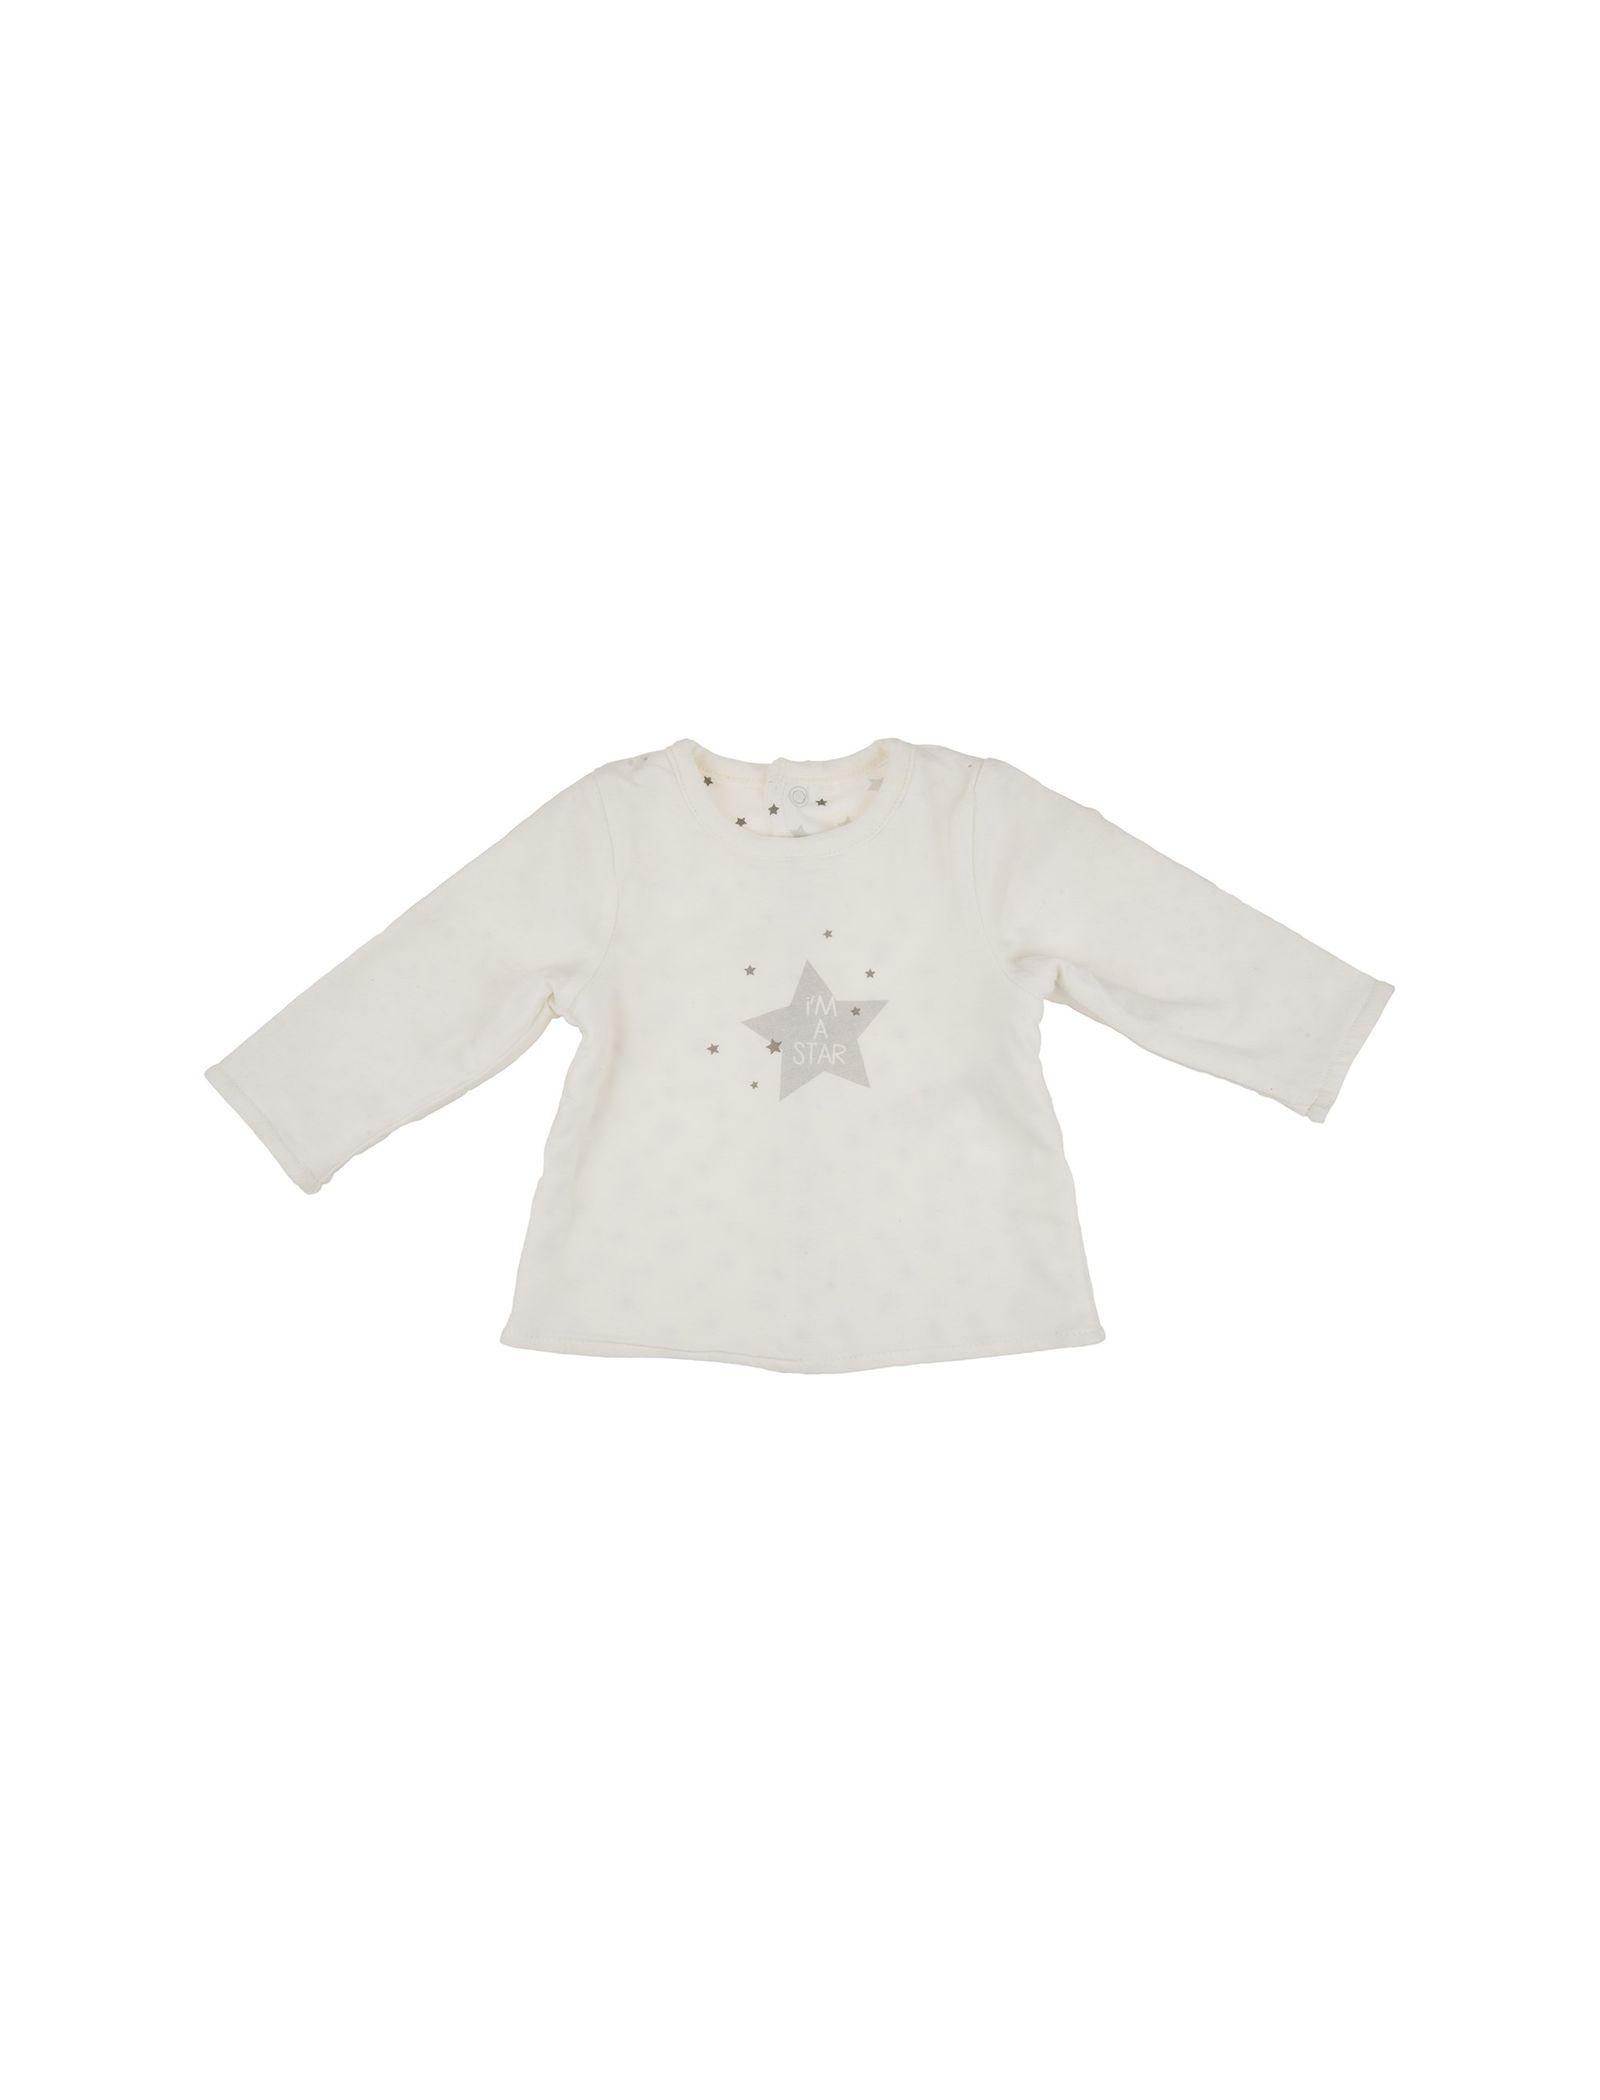 بلوز و شلوار راحتی نوزادی دخترانه - ارکسترا - سفيد - 2